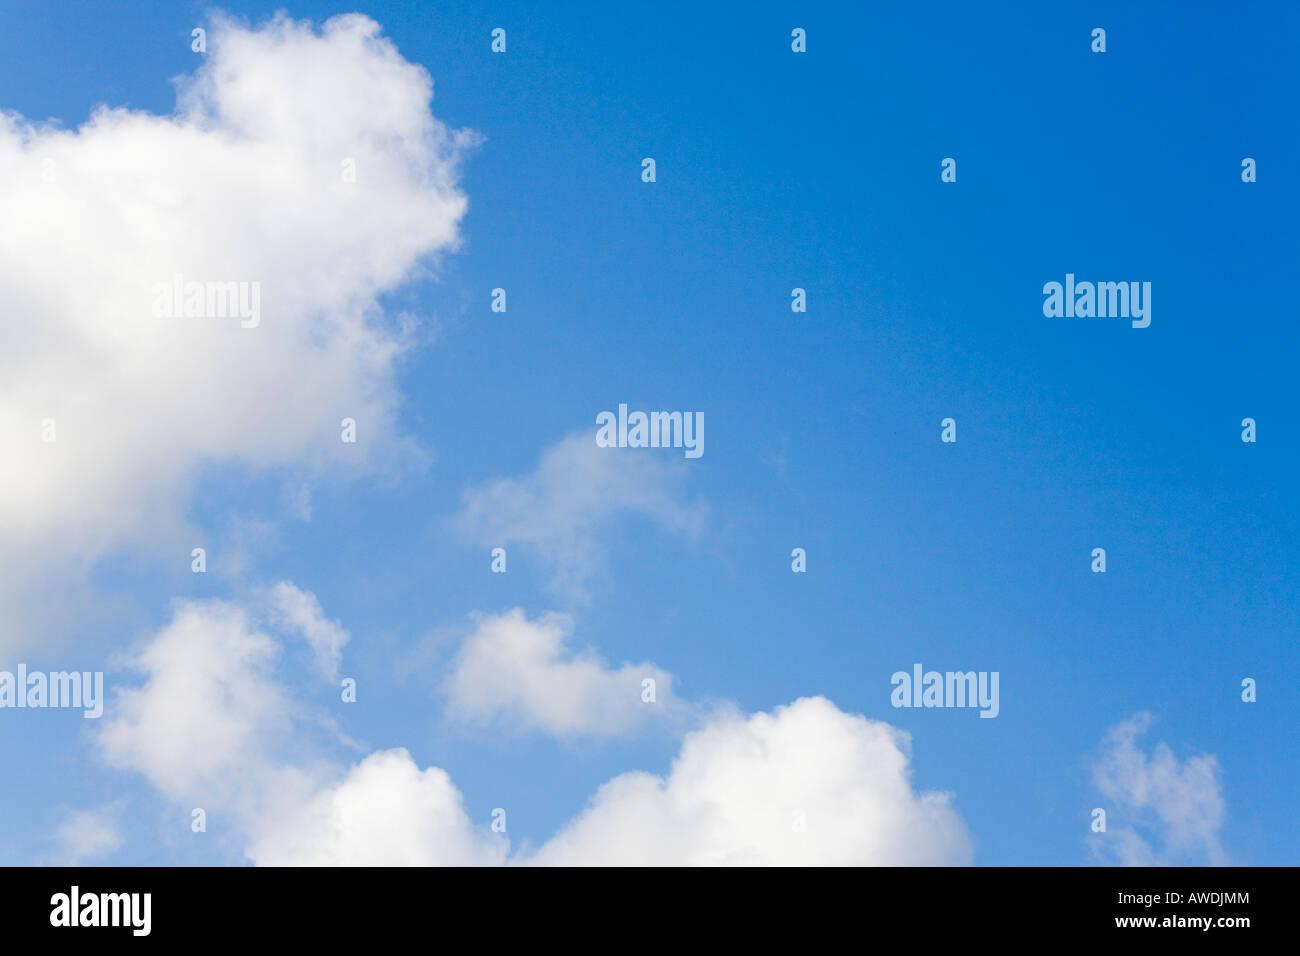 Blanc moelleux cumulus dans un ciel bleu indiquant clement de l'été. Angleterre Royaume-uni Grande Photo Stock